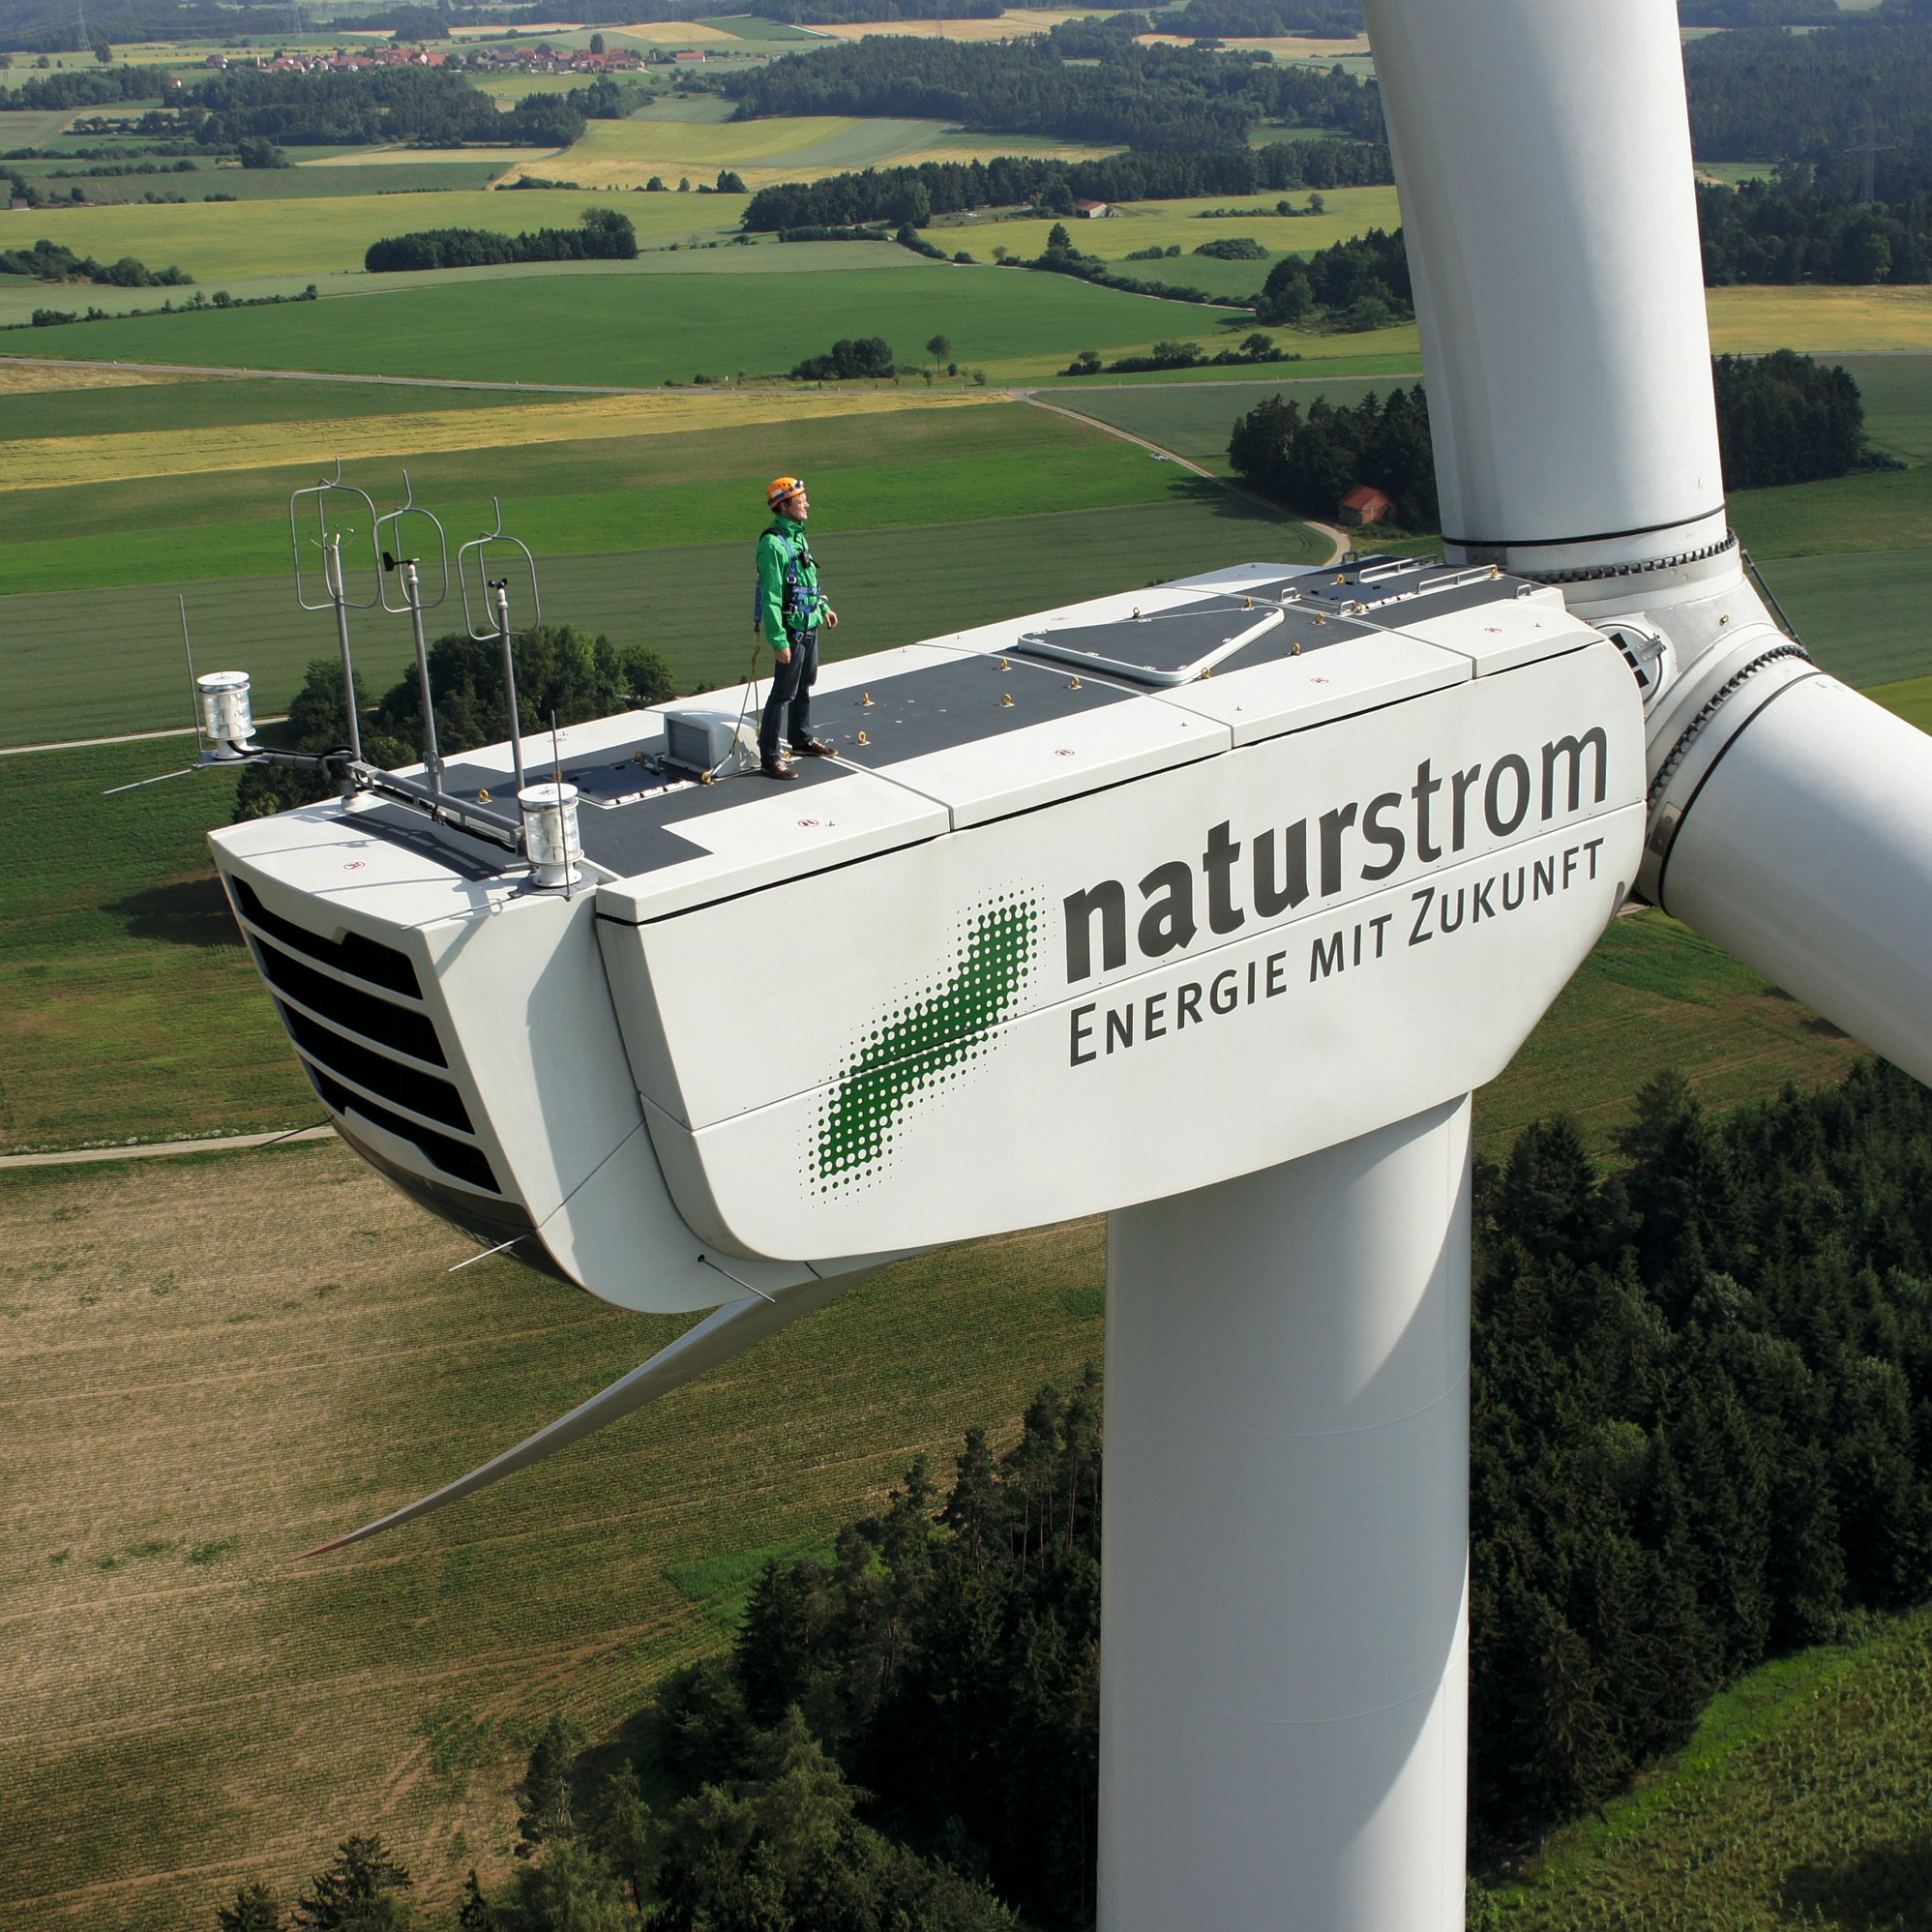 Naturstrom Windmill under Construction.